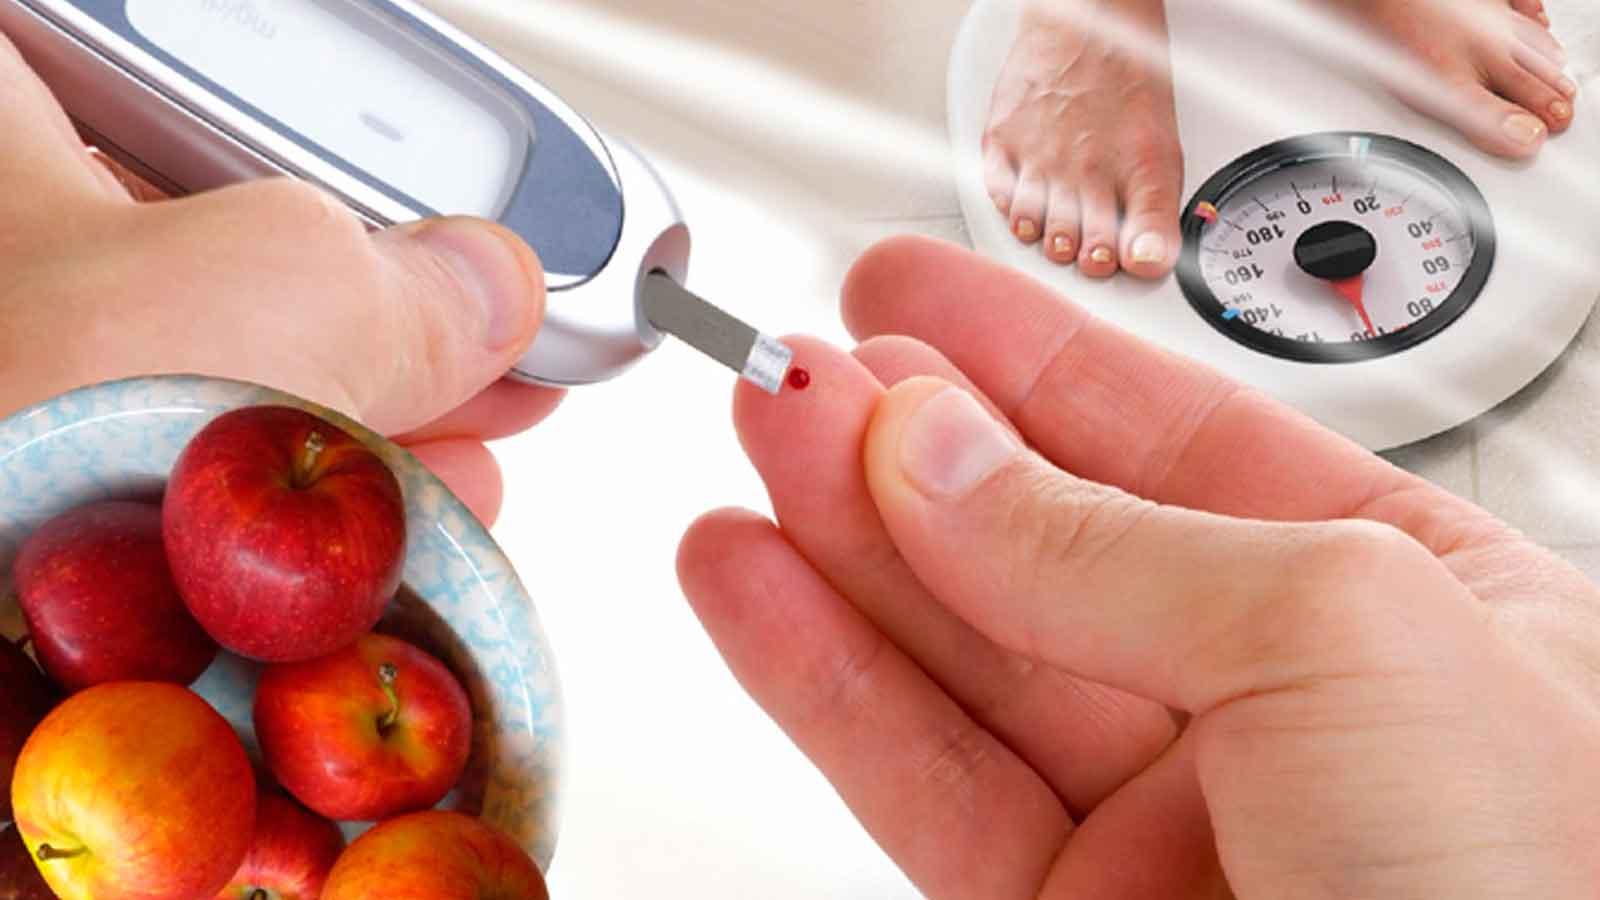 Группа инвалидности при сахарном диабете: особенности назначения, льготы